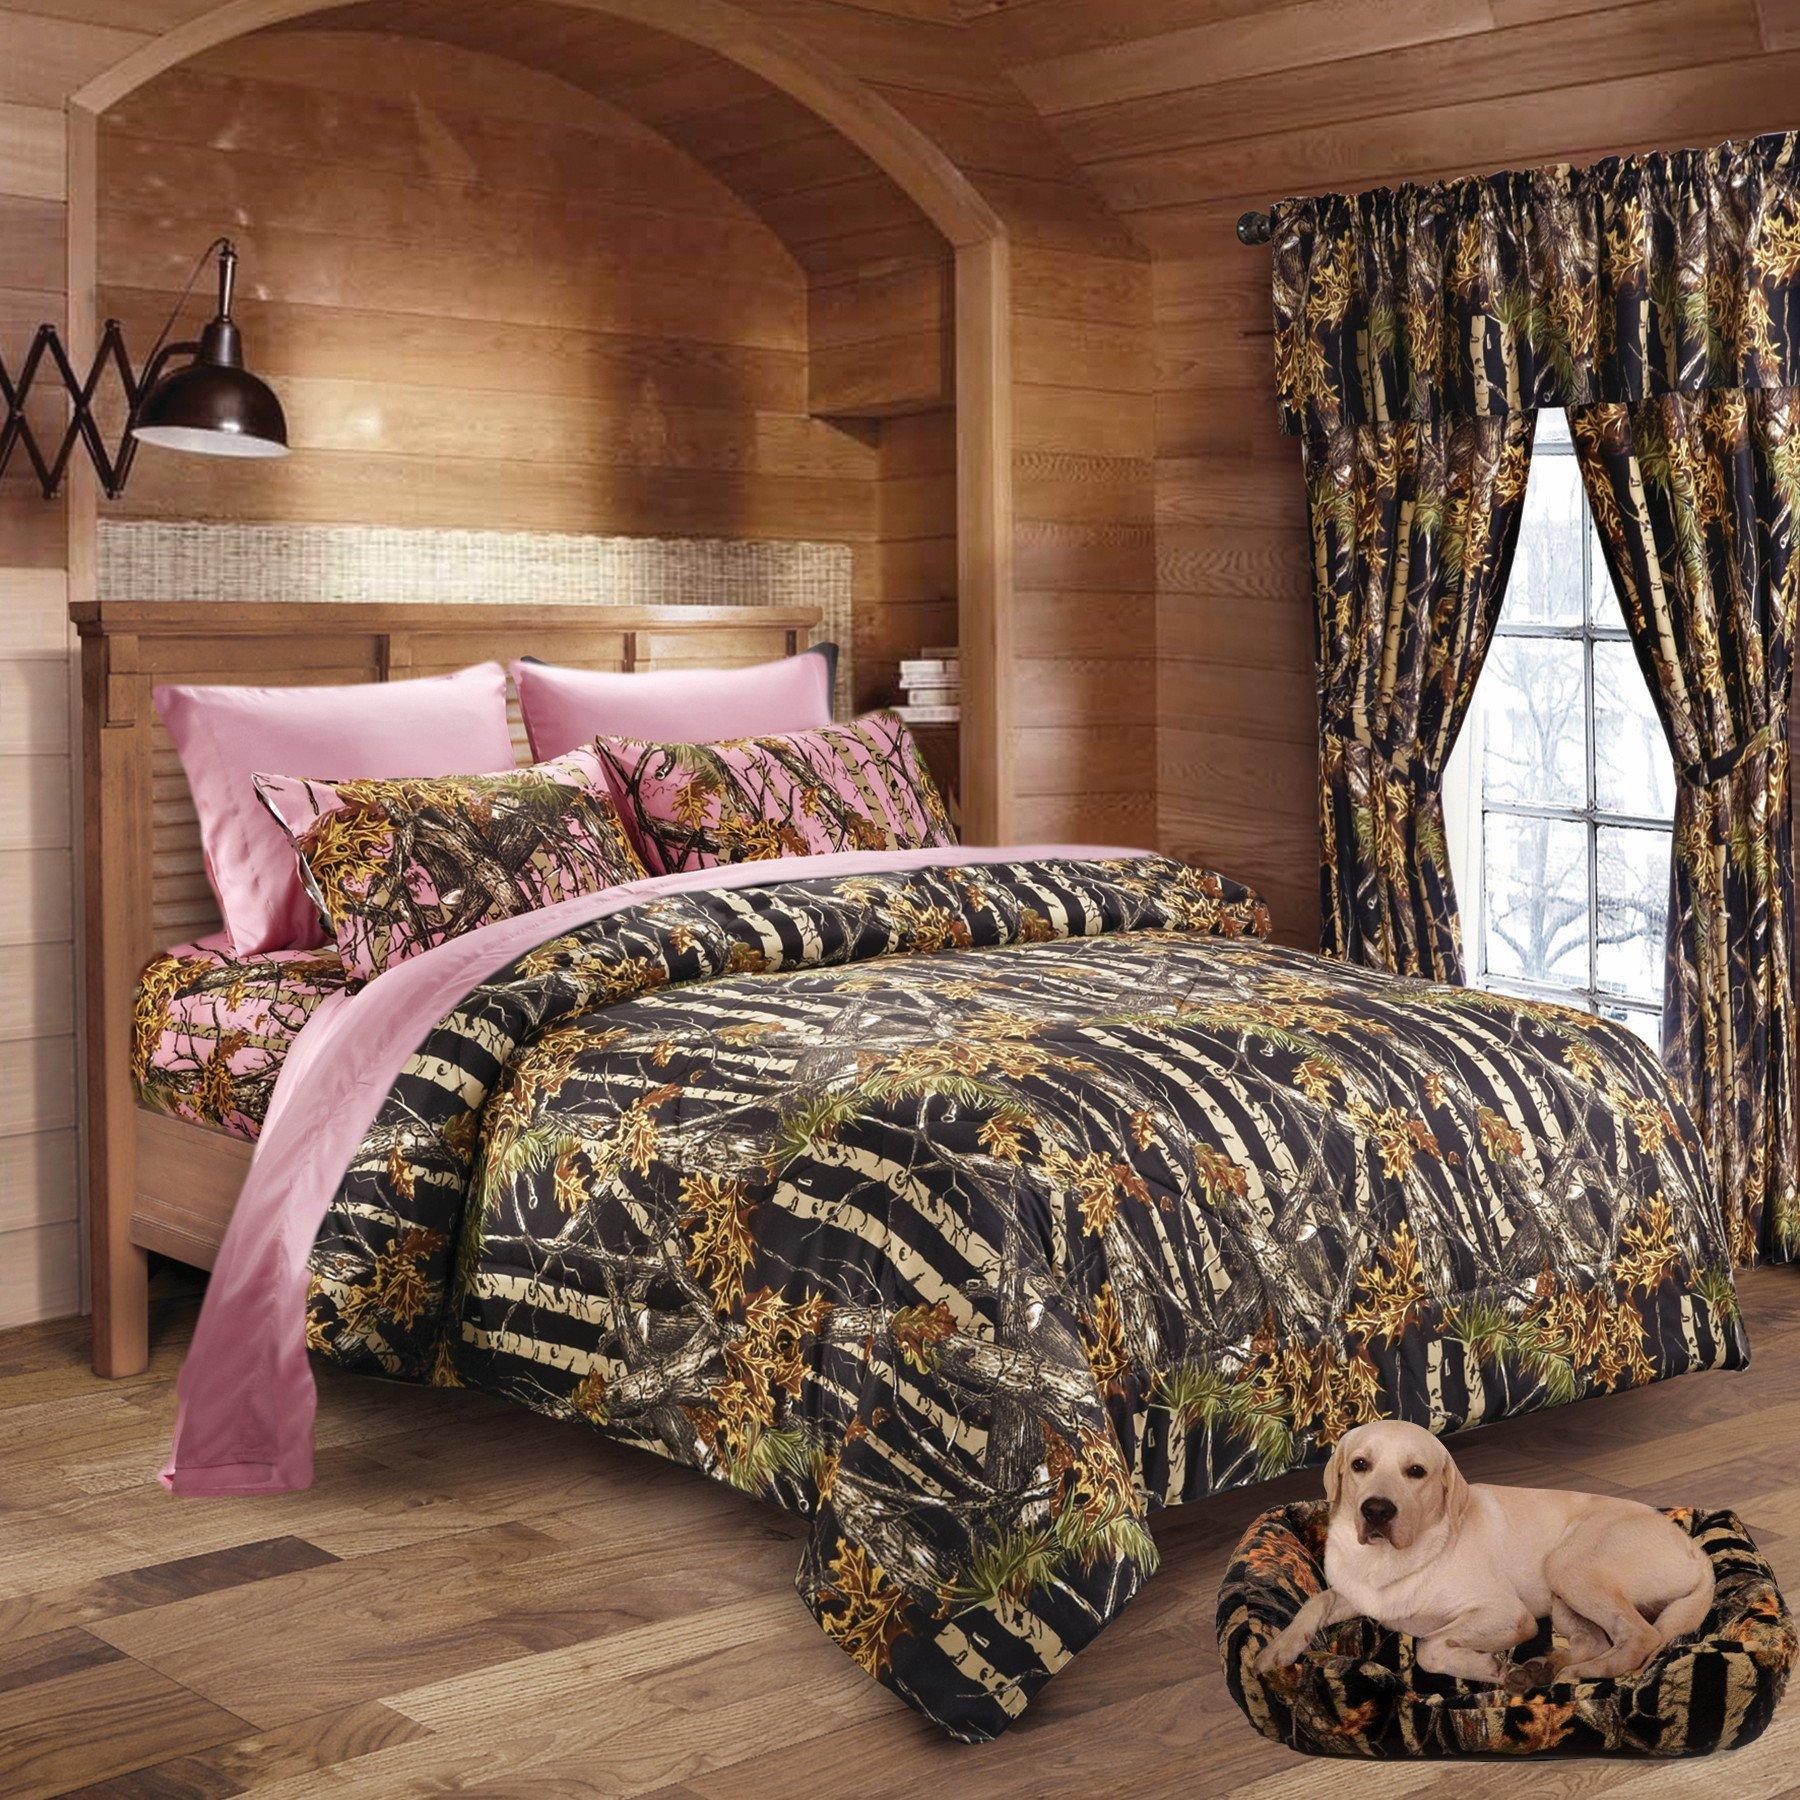 20 Lakes Girls Black & Pink Hunter Camo Comforter, Sheet, Pillowcase Set (Cal King, Black/Pink)